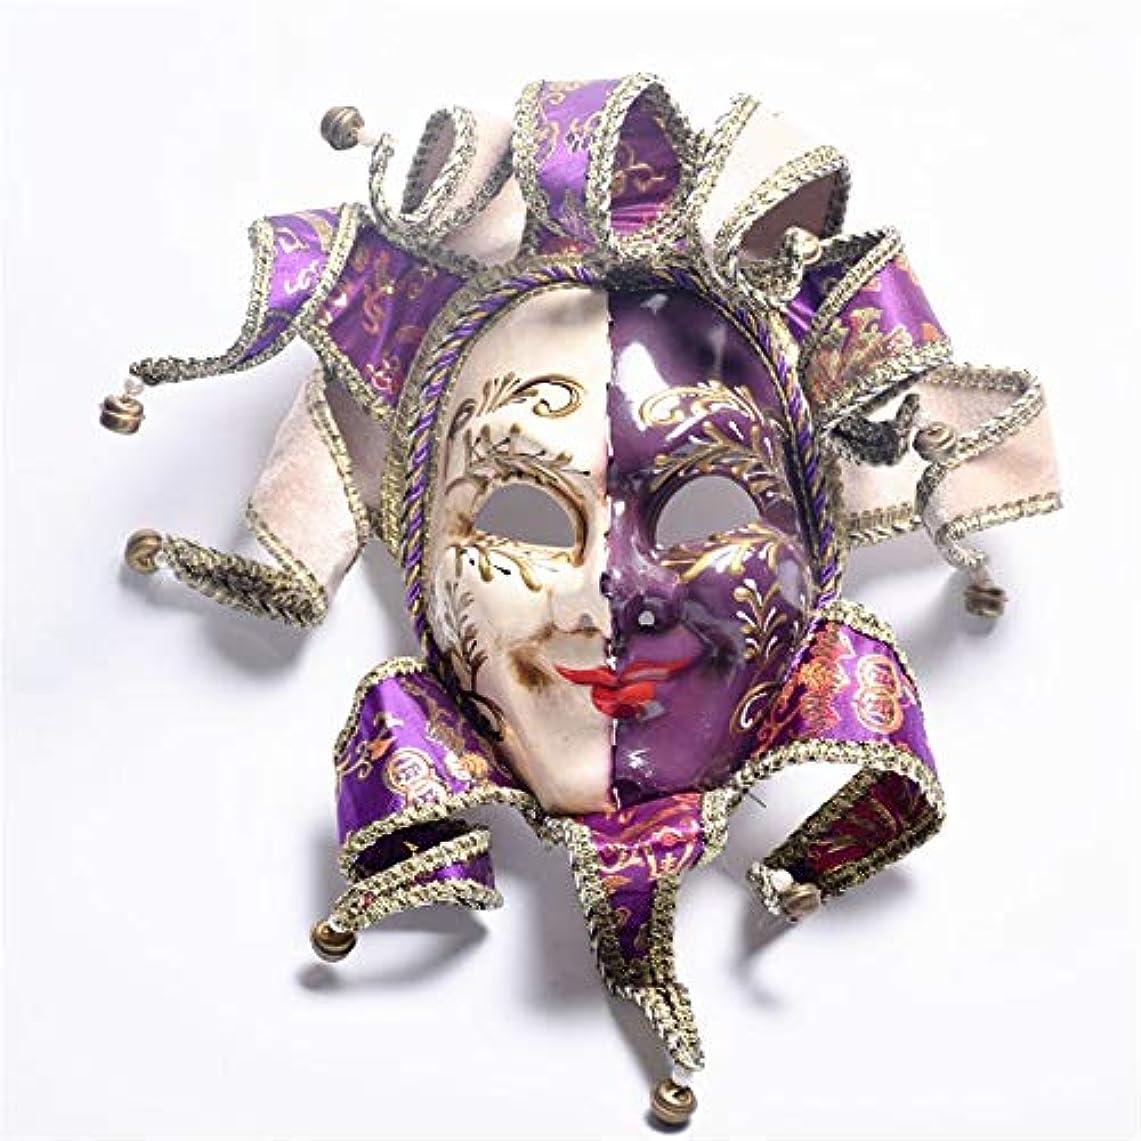 下品密接に議論するダンスマスク 塗装フルフェイスパフォーマンス小道具ハロウィンパーティー仮装祭りロールプレイナイトクラブパーティープラスチックマスク ホリデーパーティー用品 (色 : 紫の, サイズ : 50x36cm)